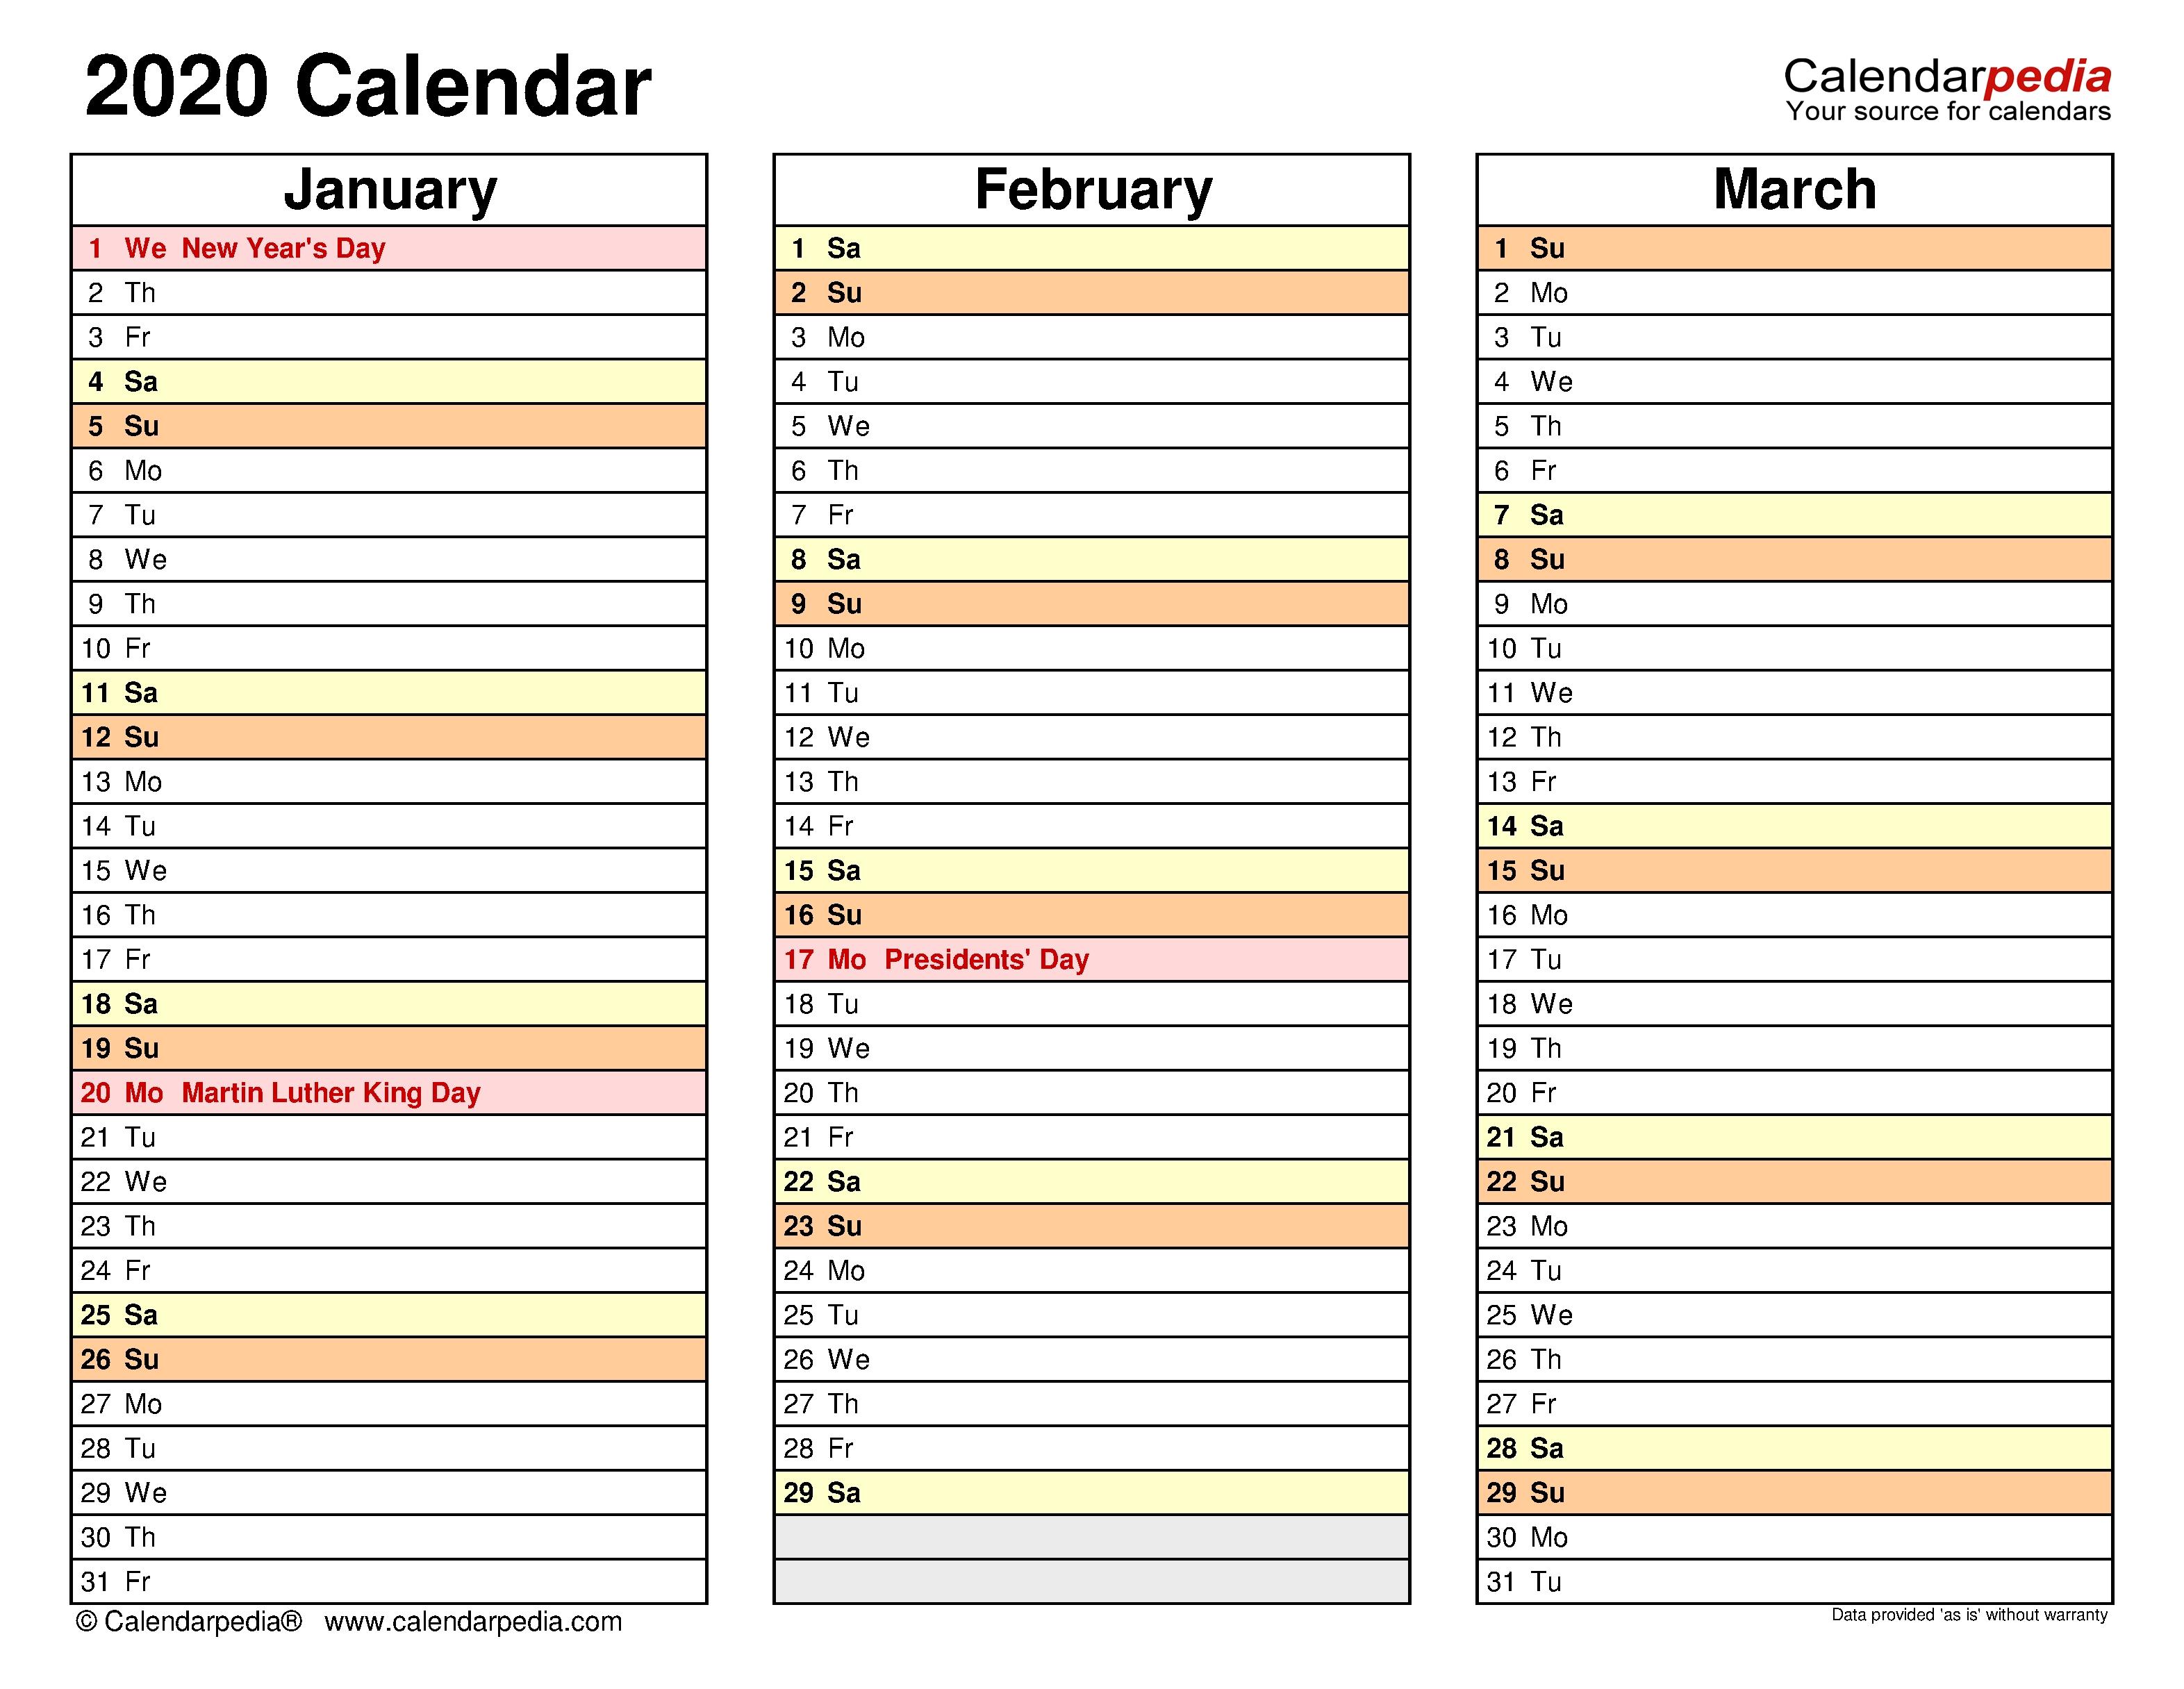 2020 Calendar - Free Printable Excel Templates - Calendarpedia Excel Calendar Template Quarterly